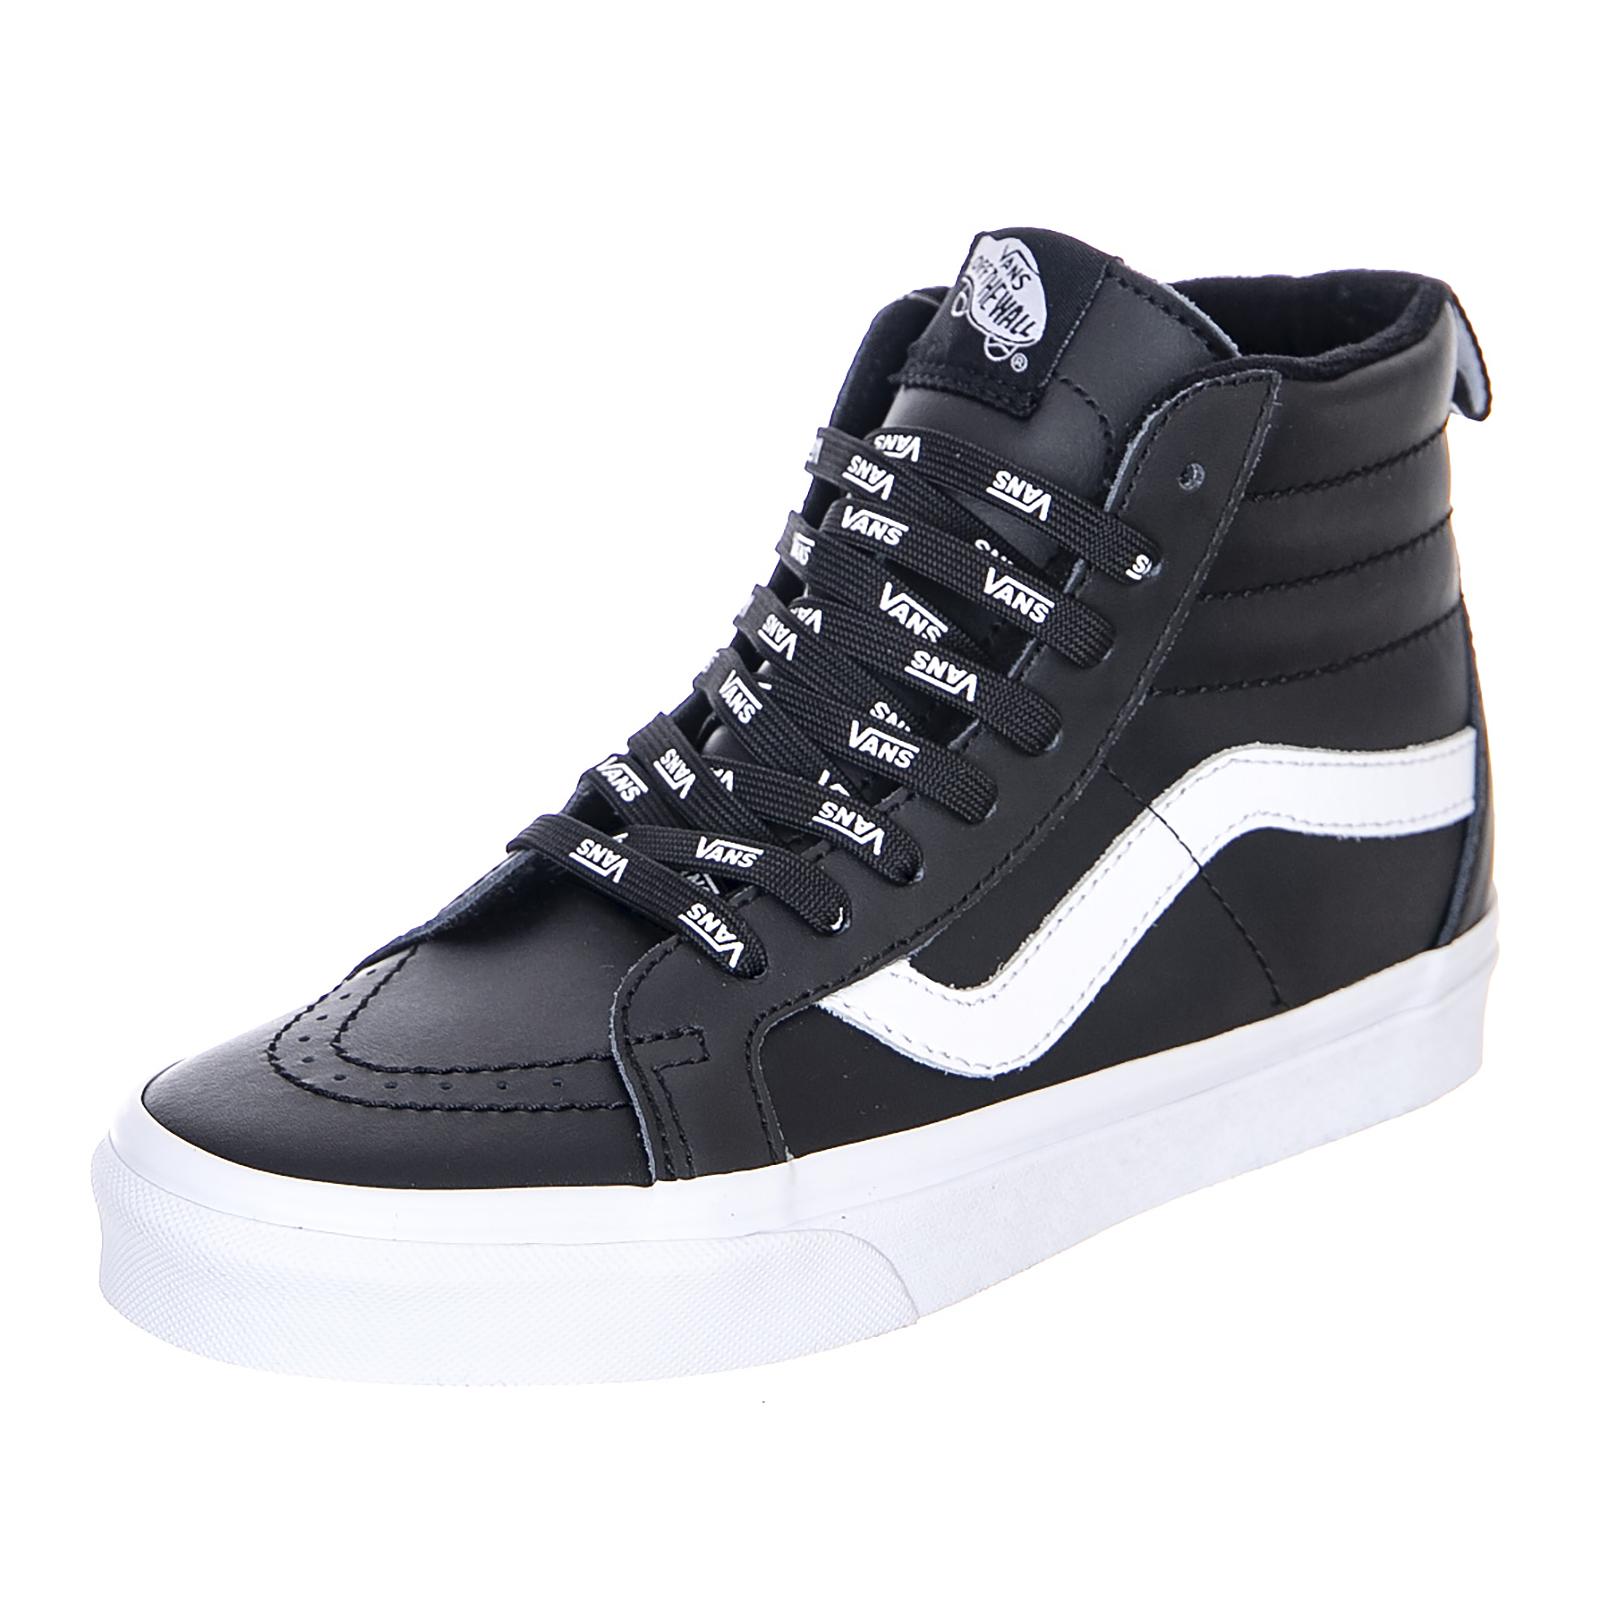 49161d4ddb Vans U Sk8-Hi Reissue Otw Webbing - Black Leather - Sneakers Alte Uomo Nero